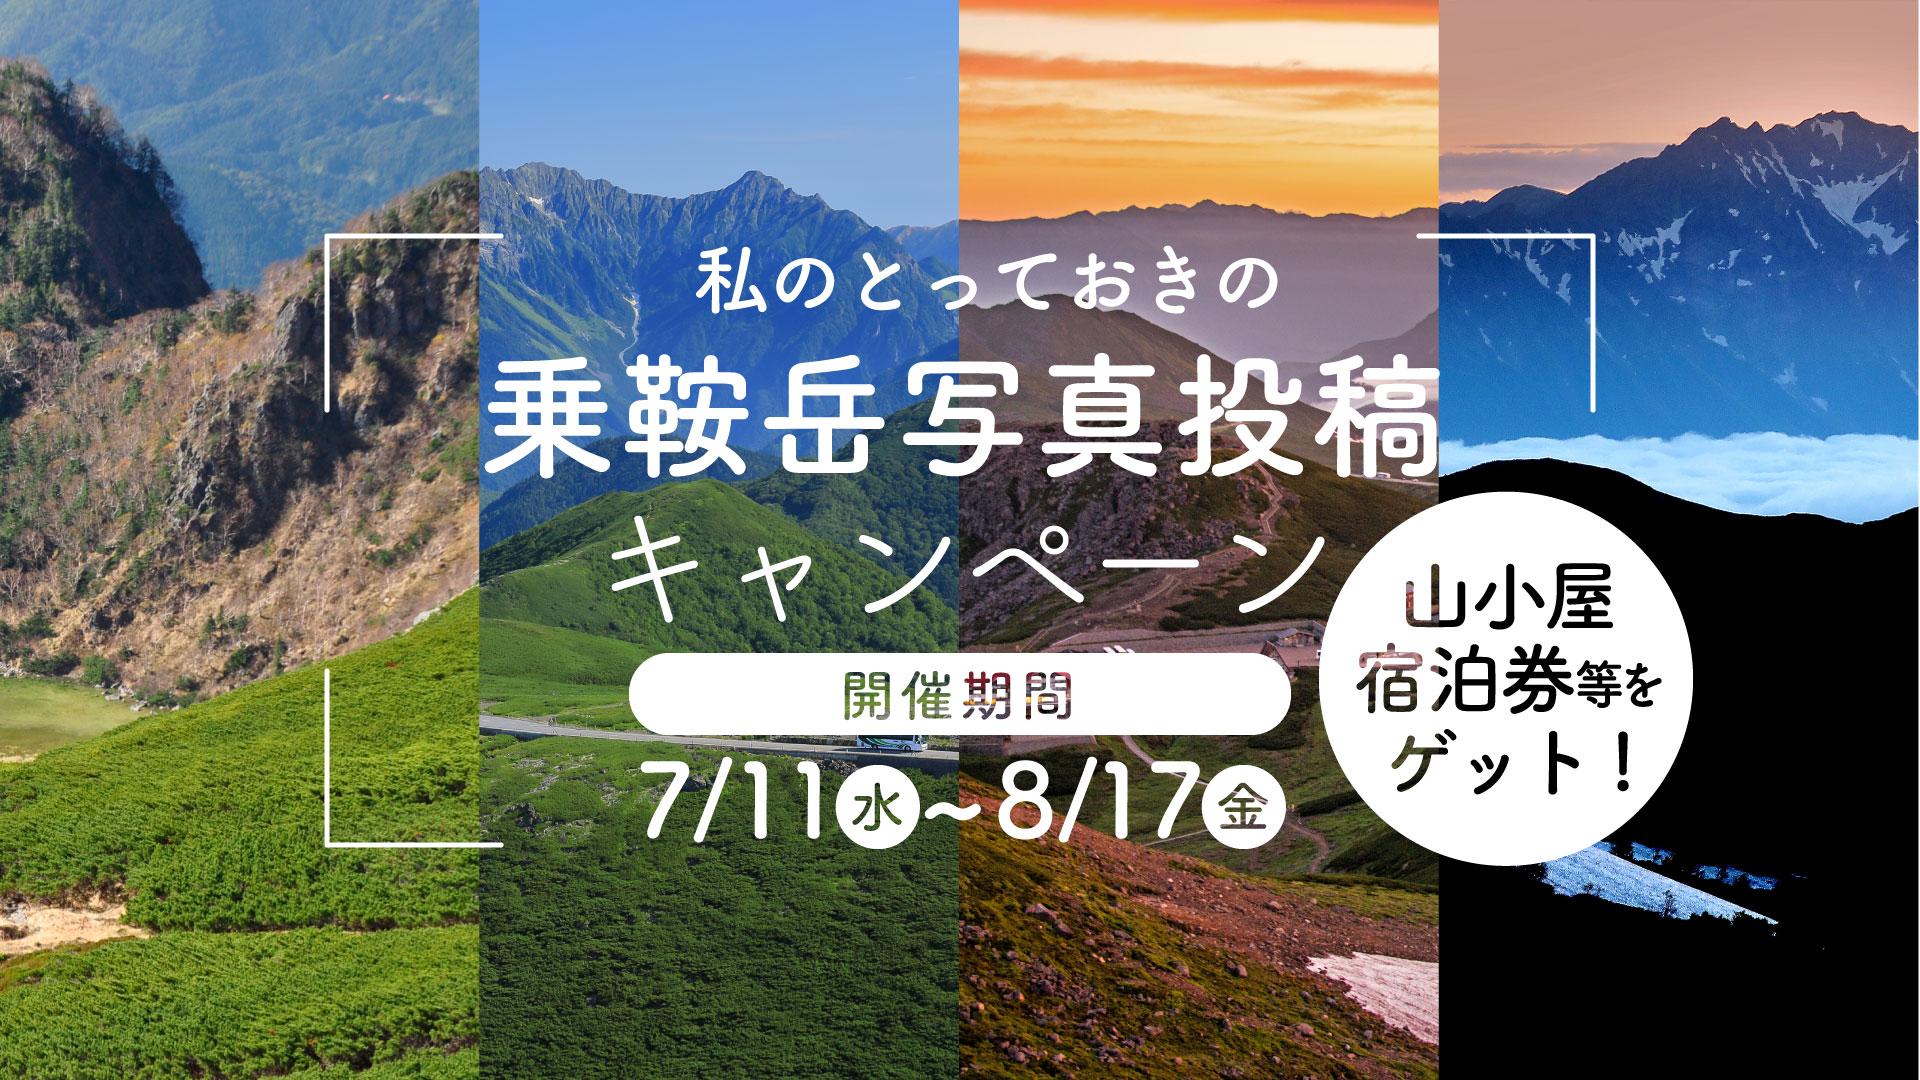 私のとっておきの乗鞍岳写真 投稿キャンペーン